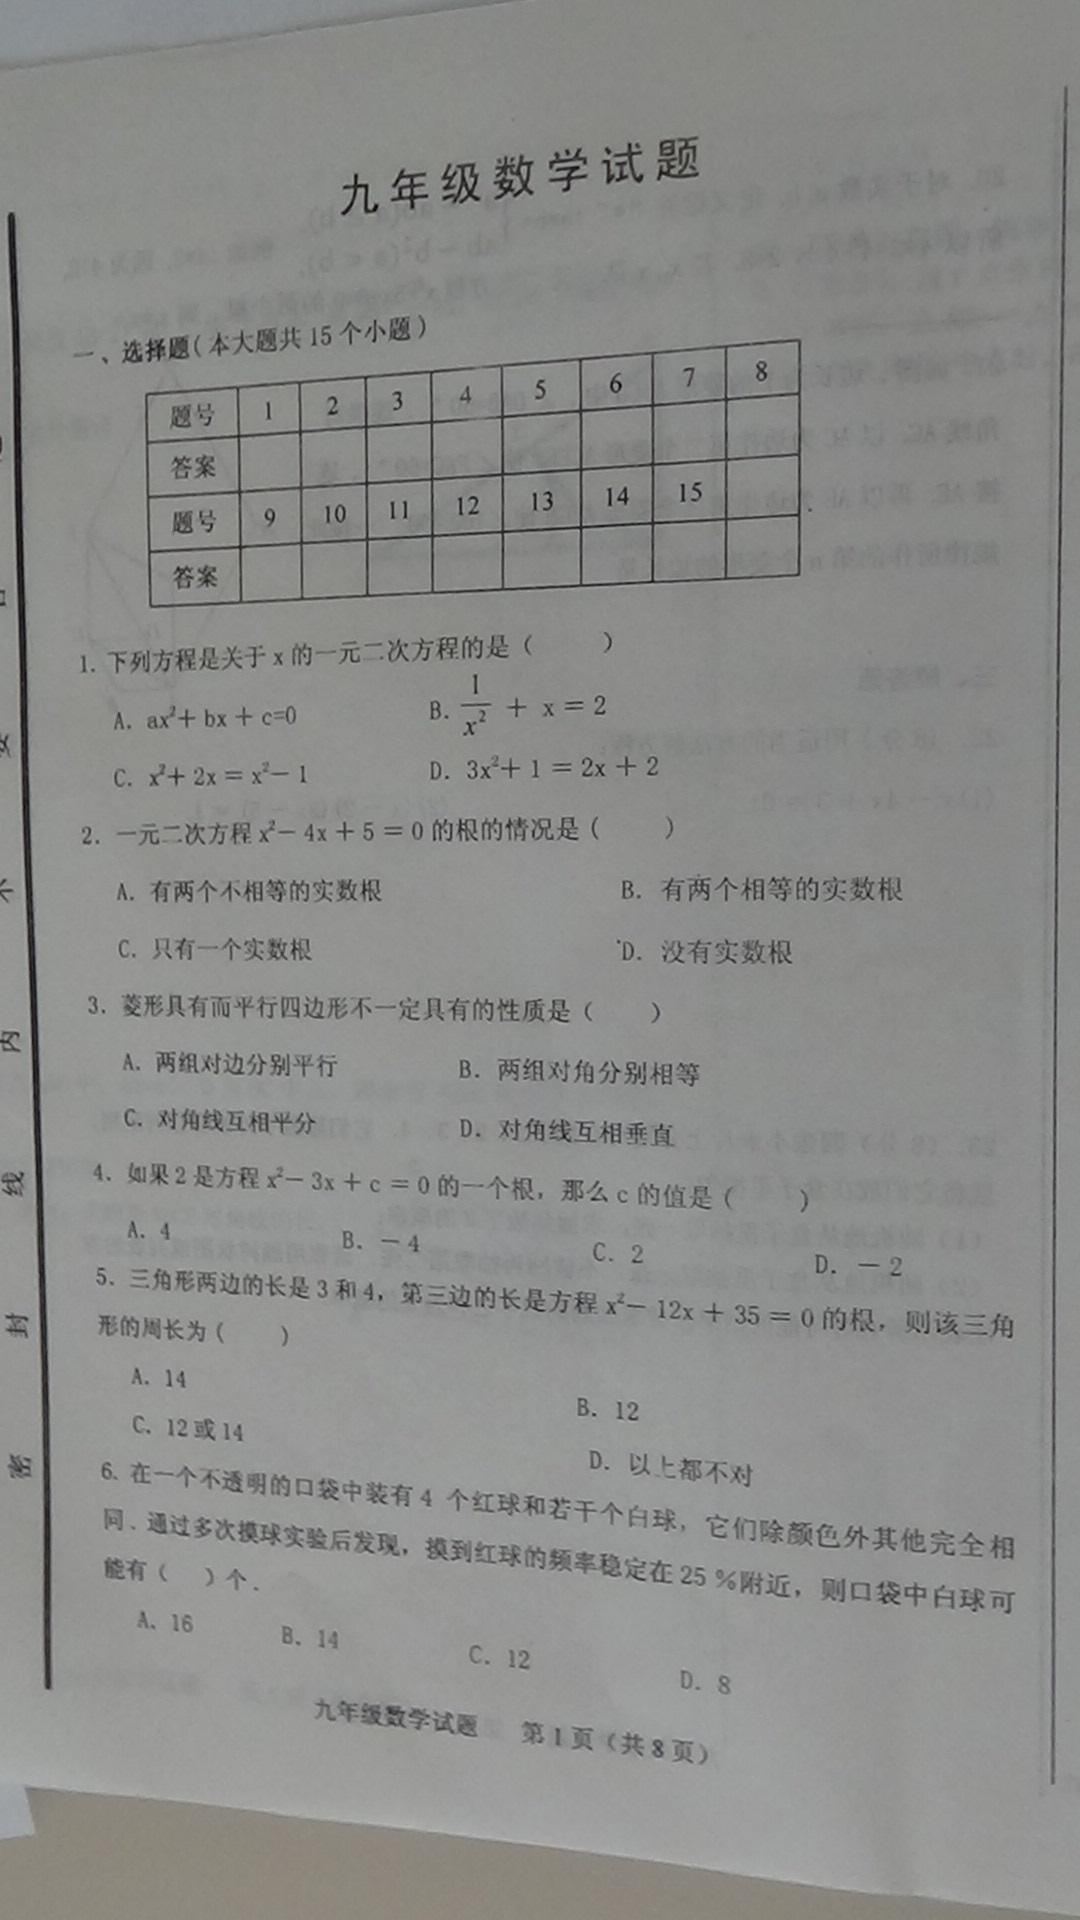 2018届山东济南商河九年级上学数学期中试题(图片版)